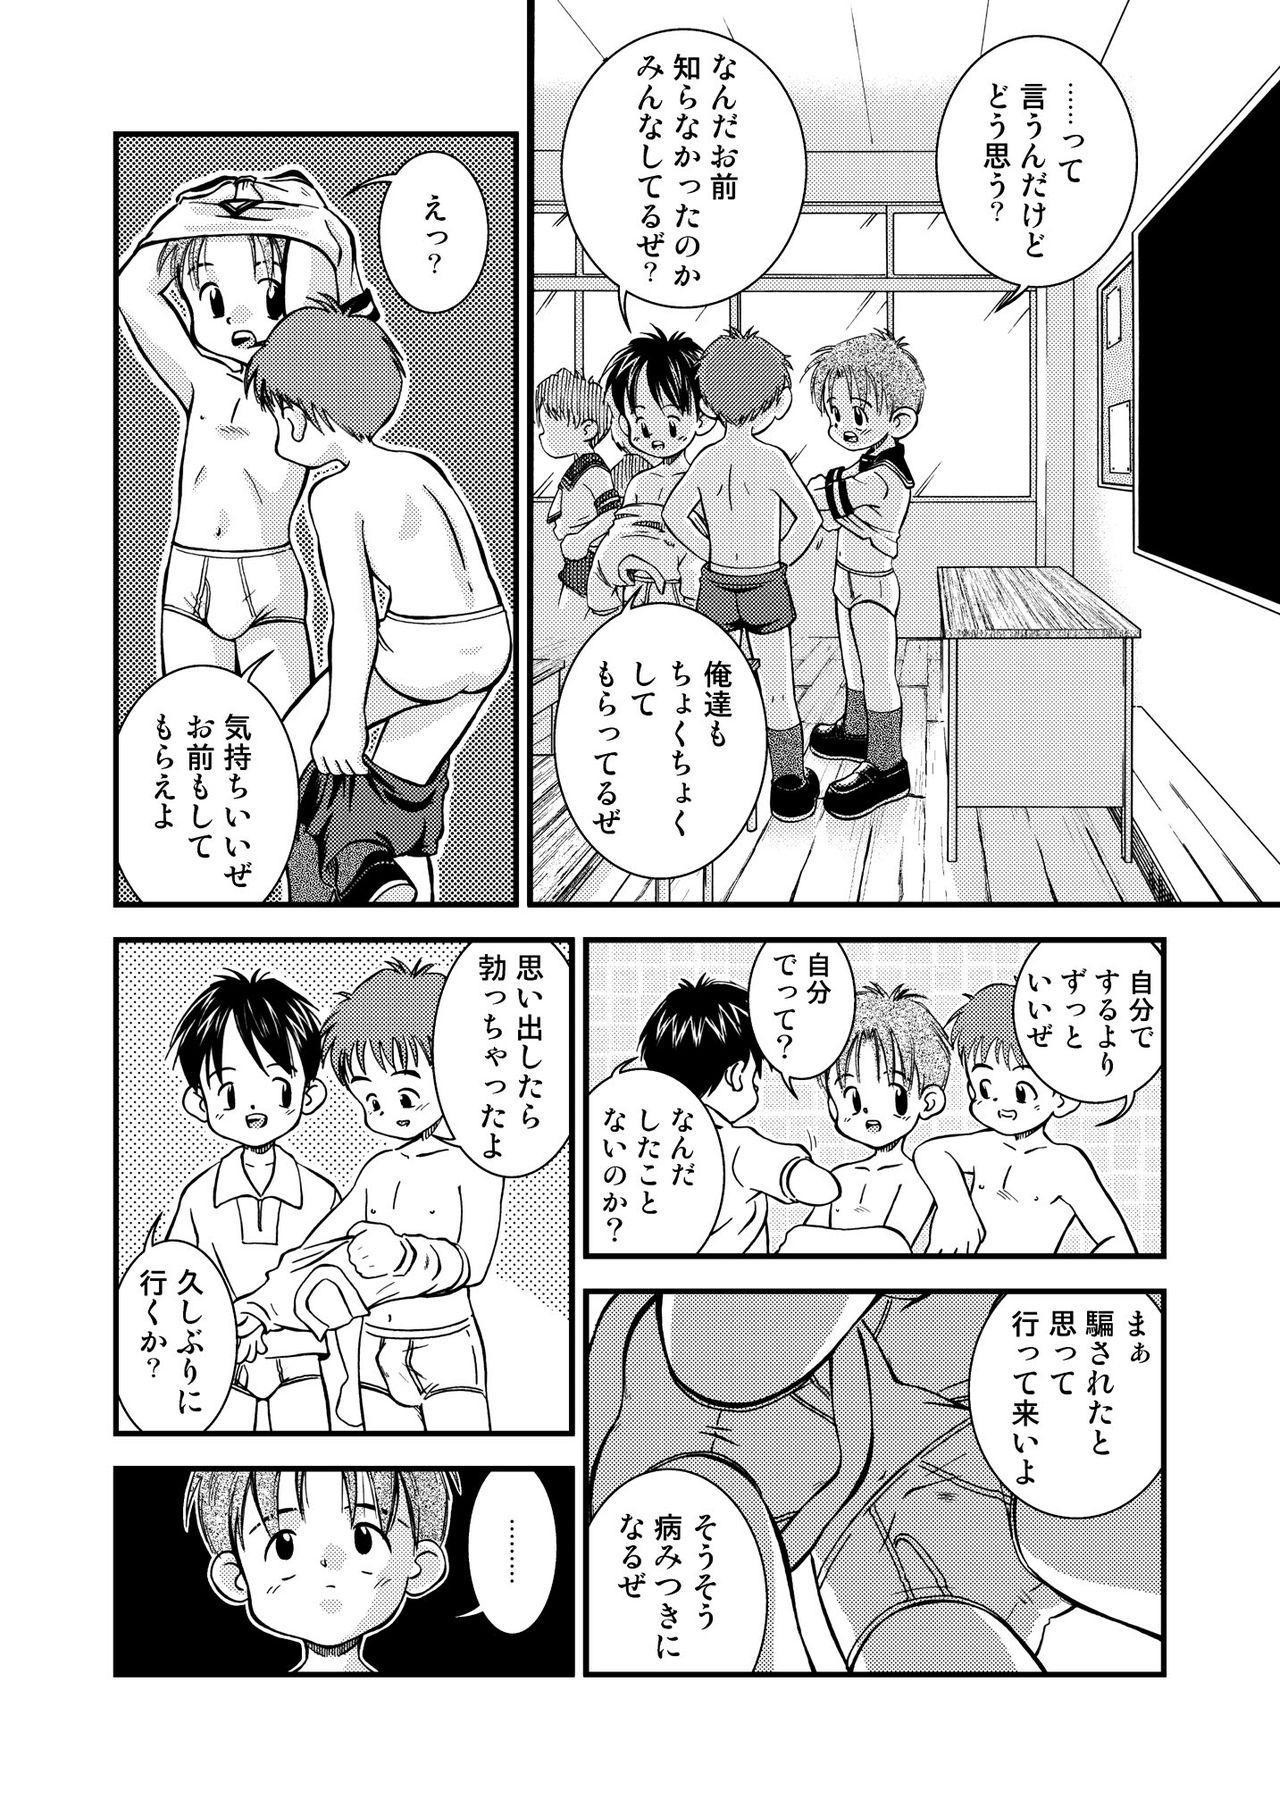 Shinjiru Koto kara Hajimeyou 15